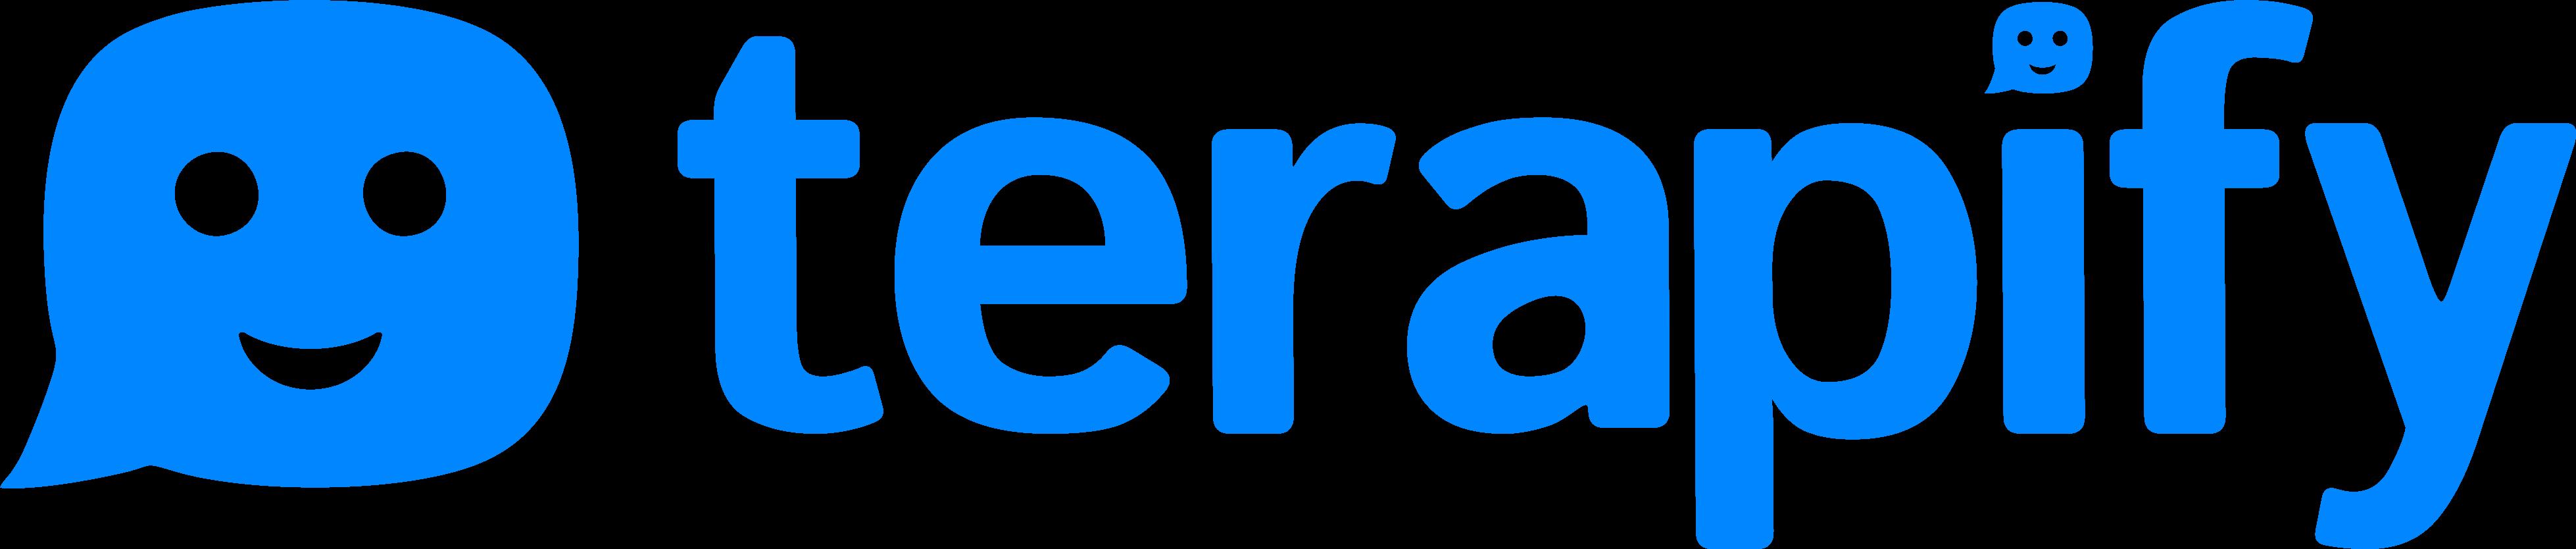 Terapify.com logo